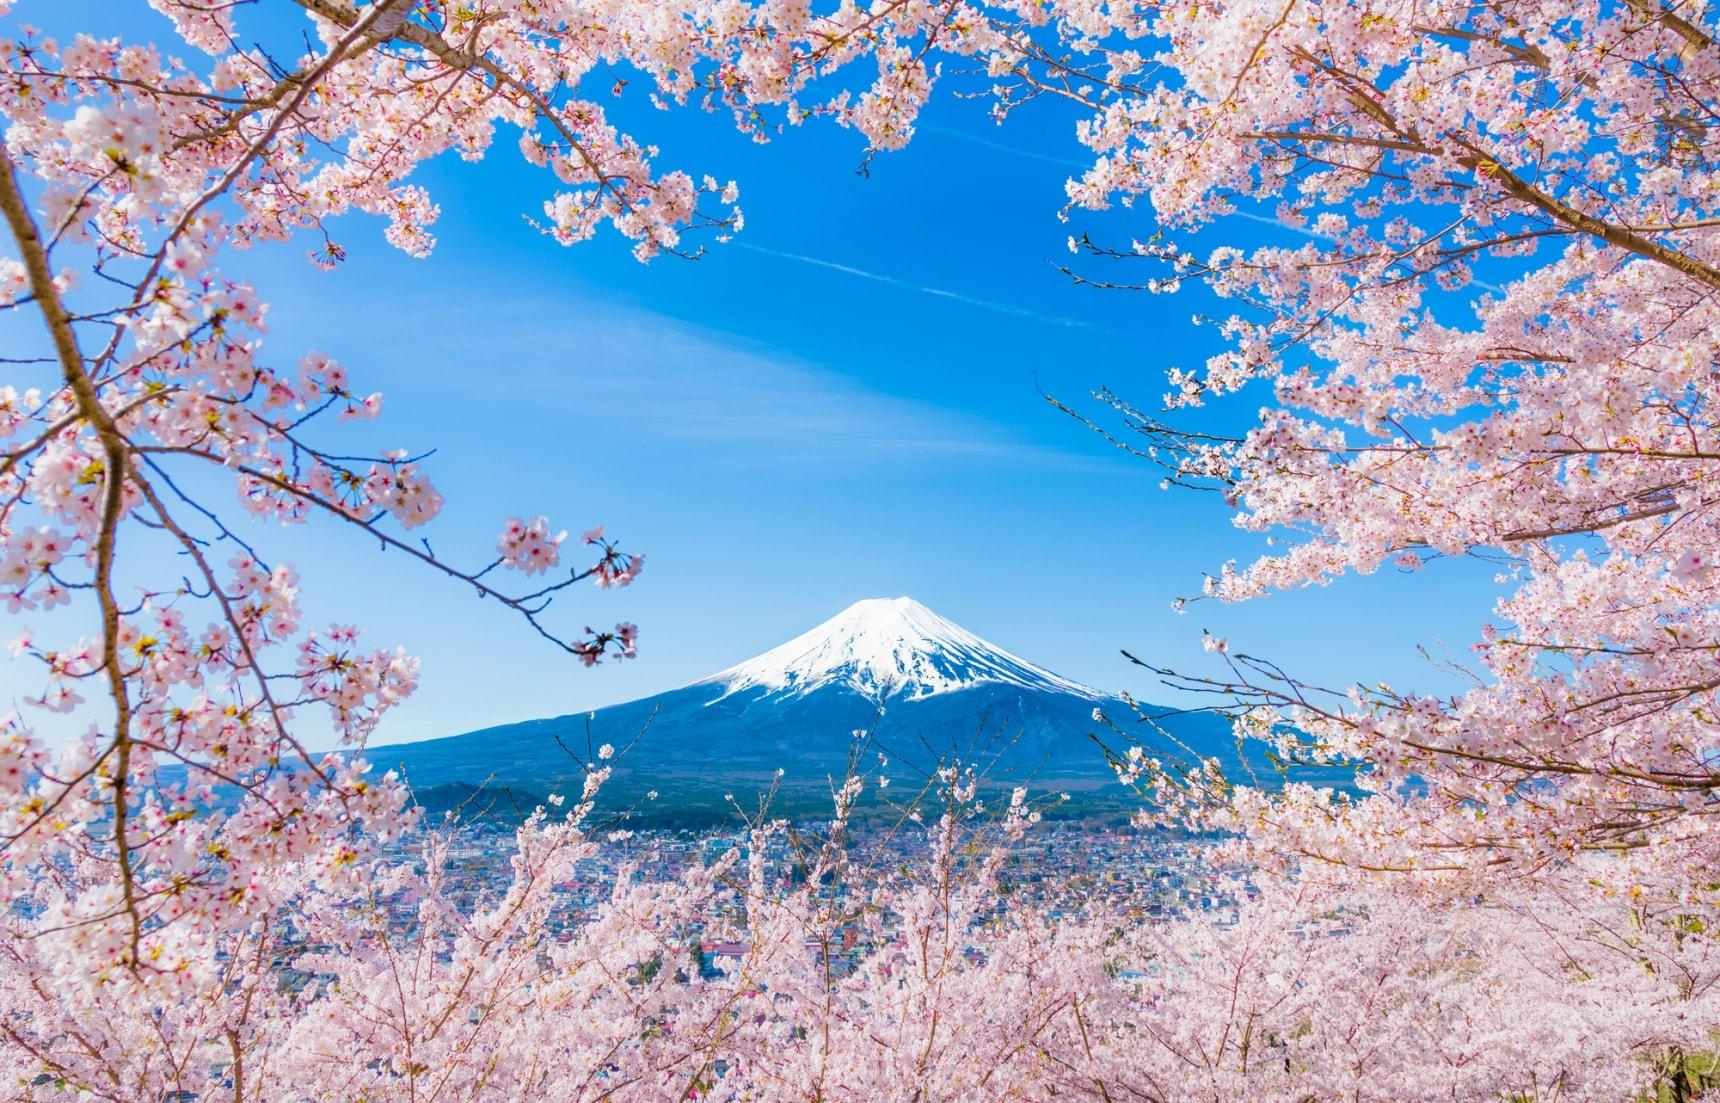 รวมข้อมูลซากุระทั้ง 12 สายพันธ์ของญี่ปุ่น